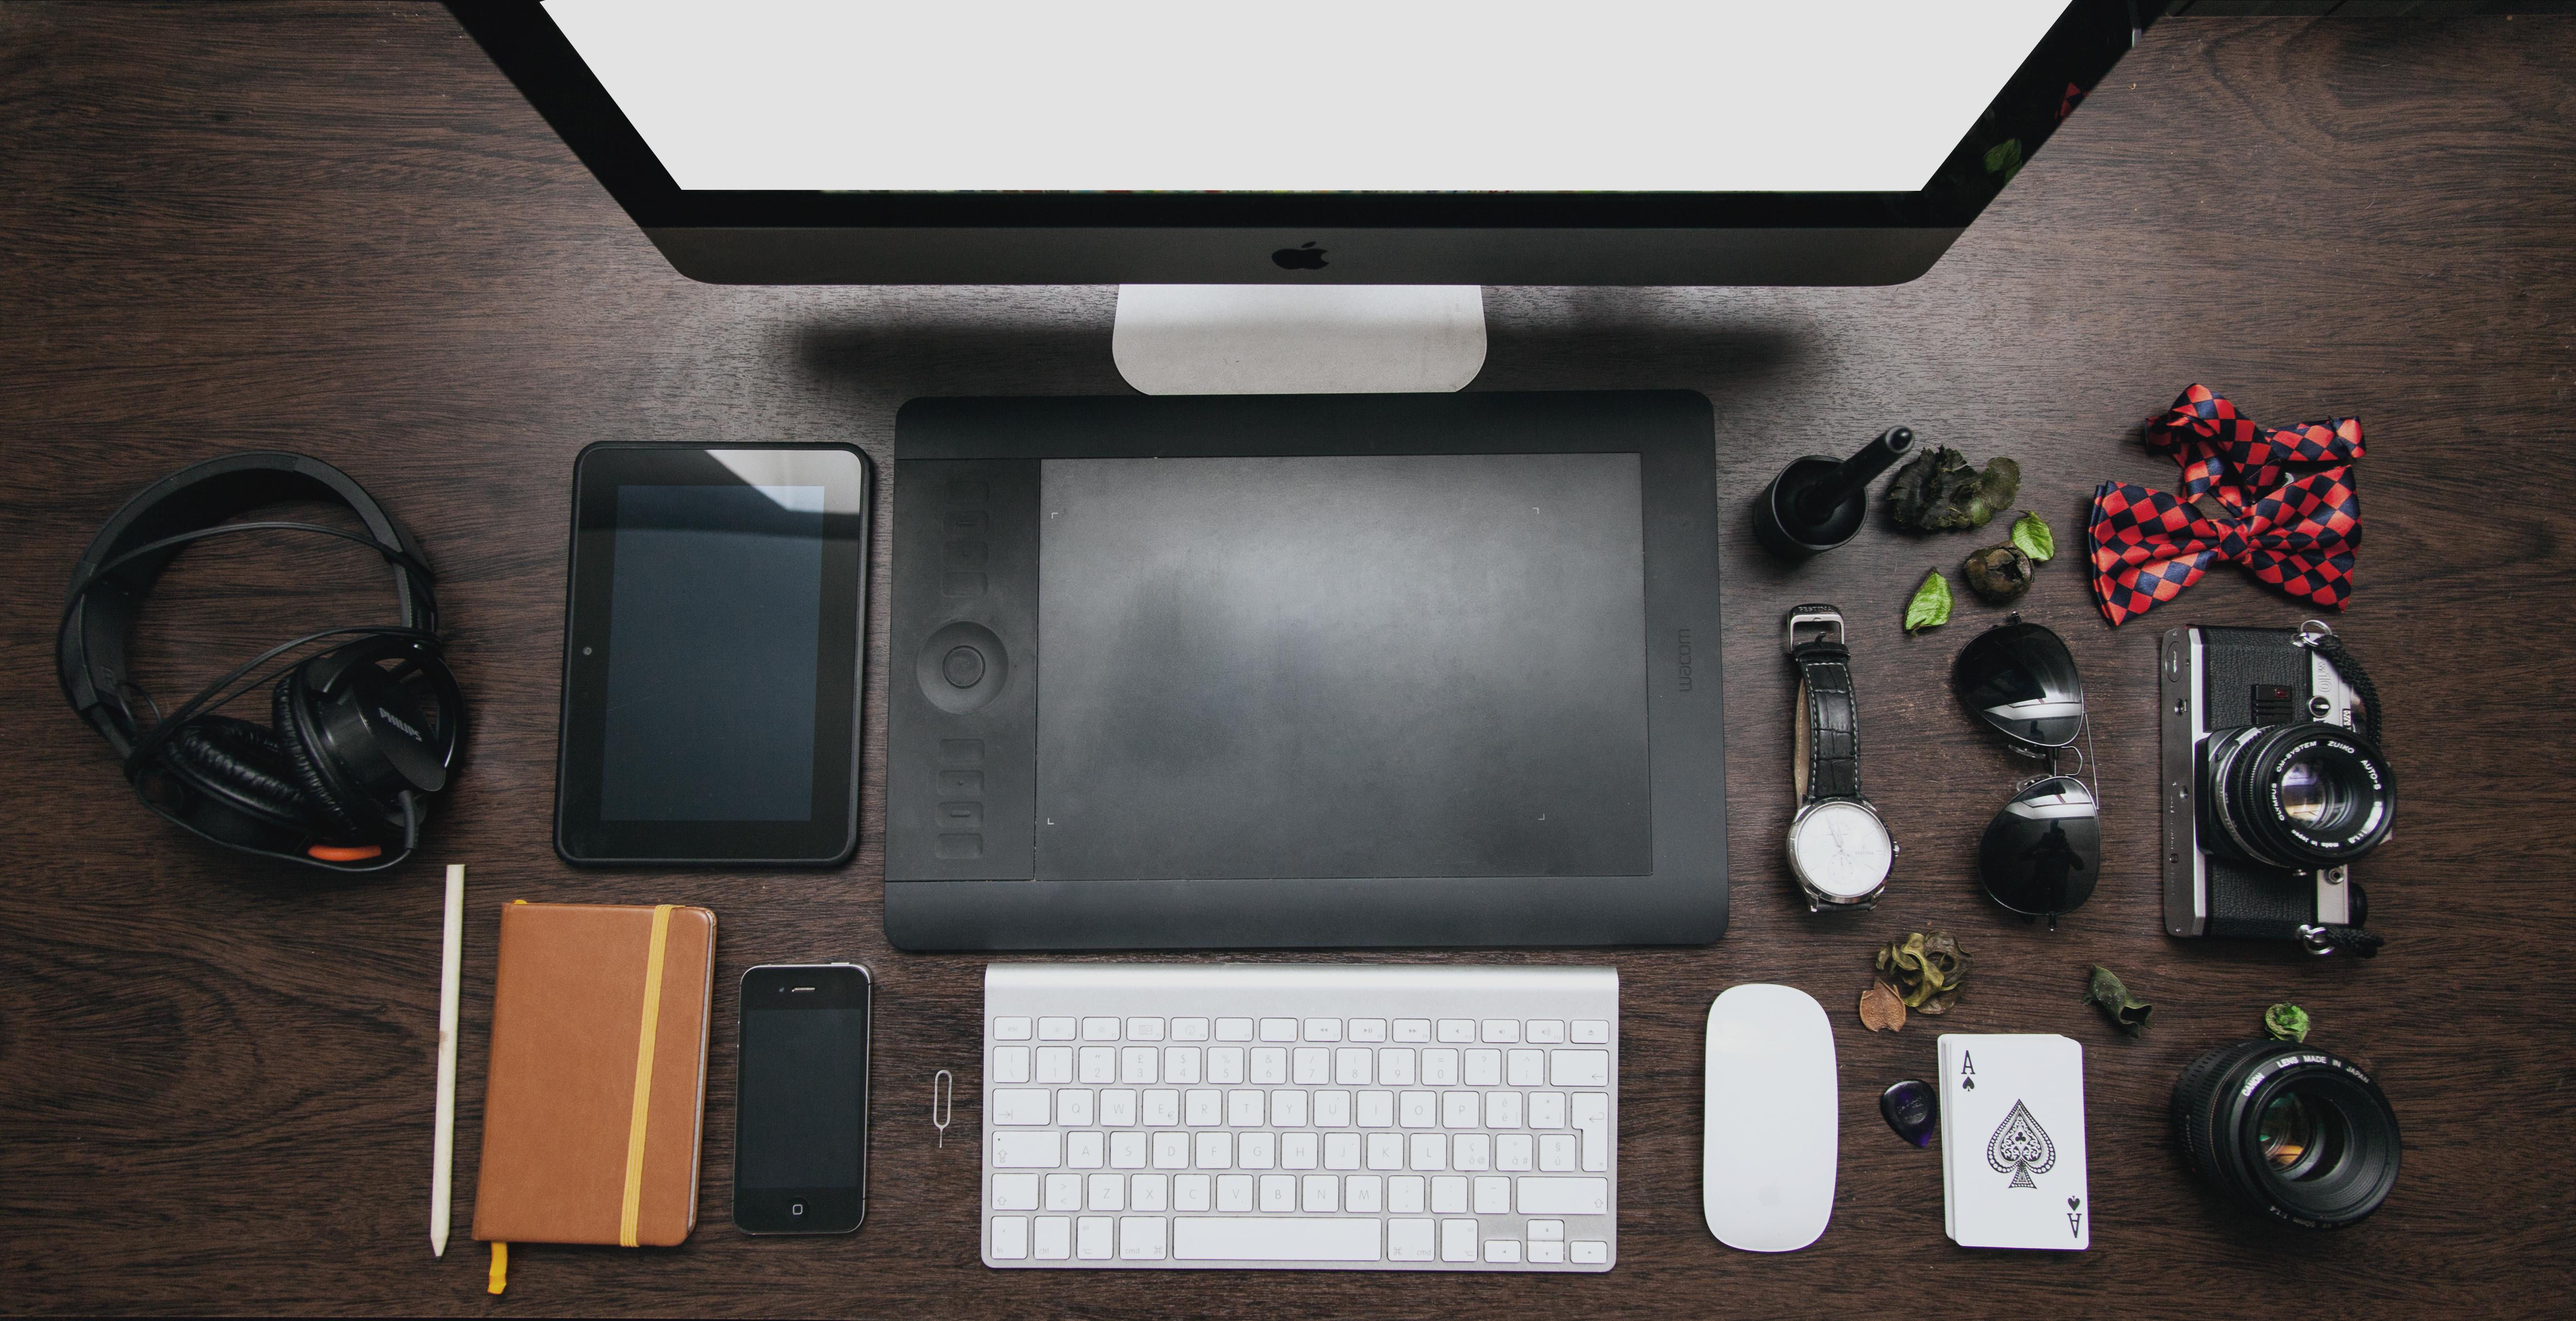 Modernistisk Gratis billeder : iphone, skrivebord, skærm, æble, tastatur MF-15